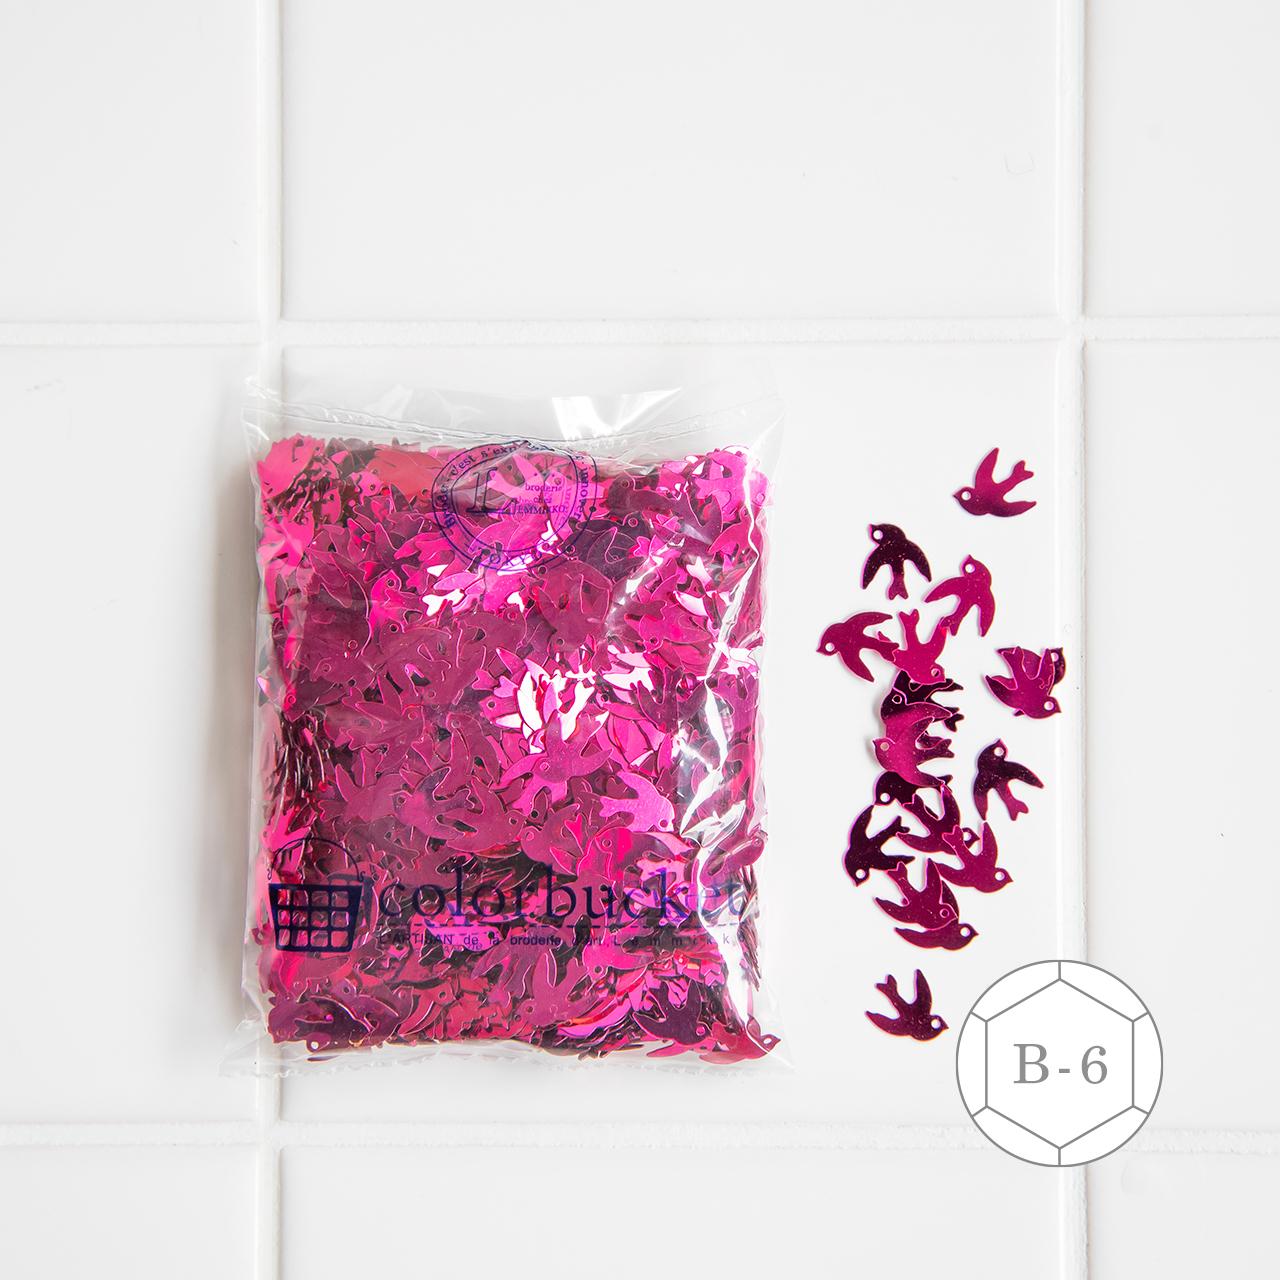 ピンクの鳥形のスパンコール